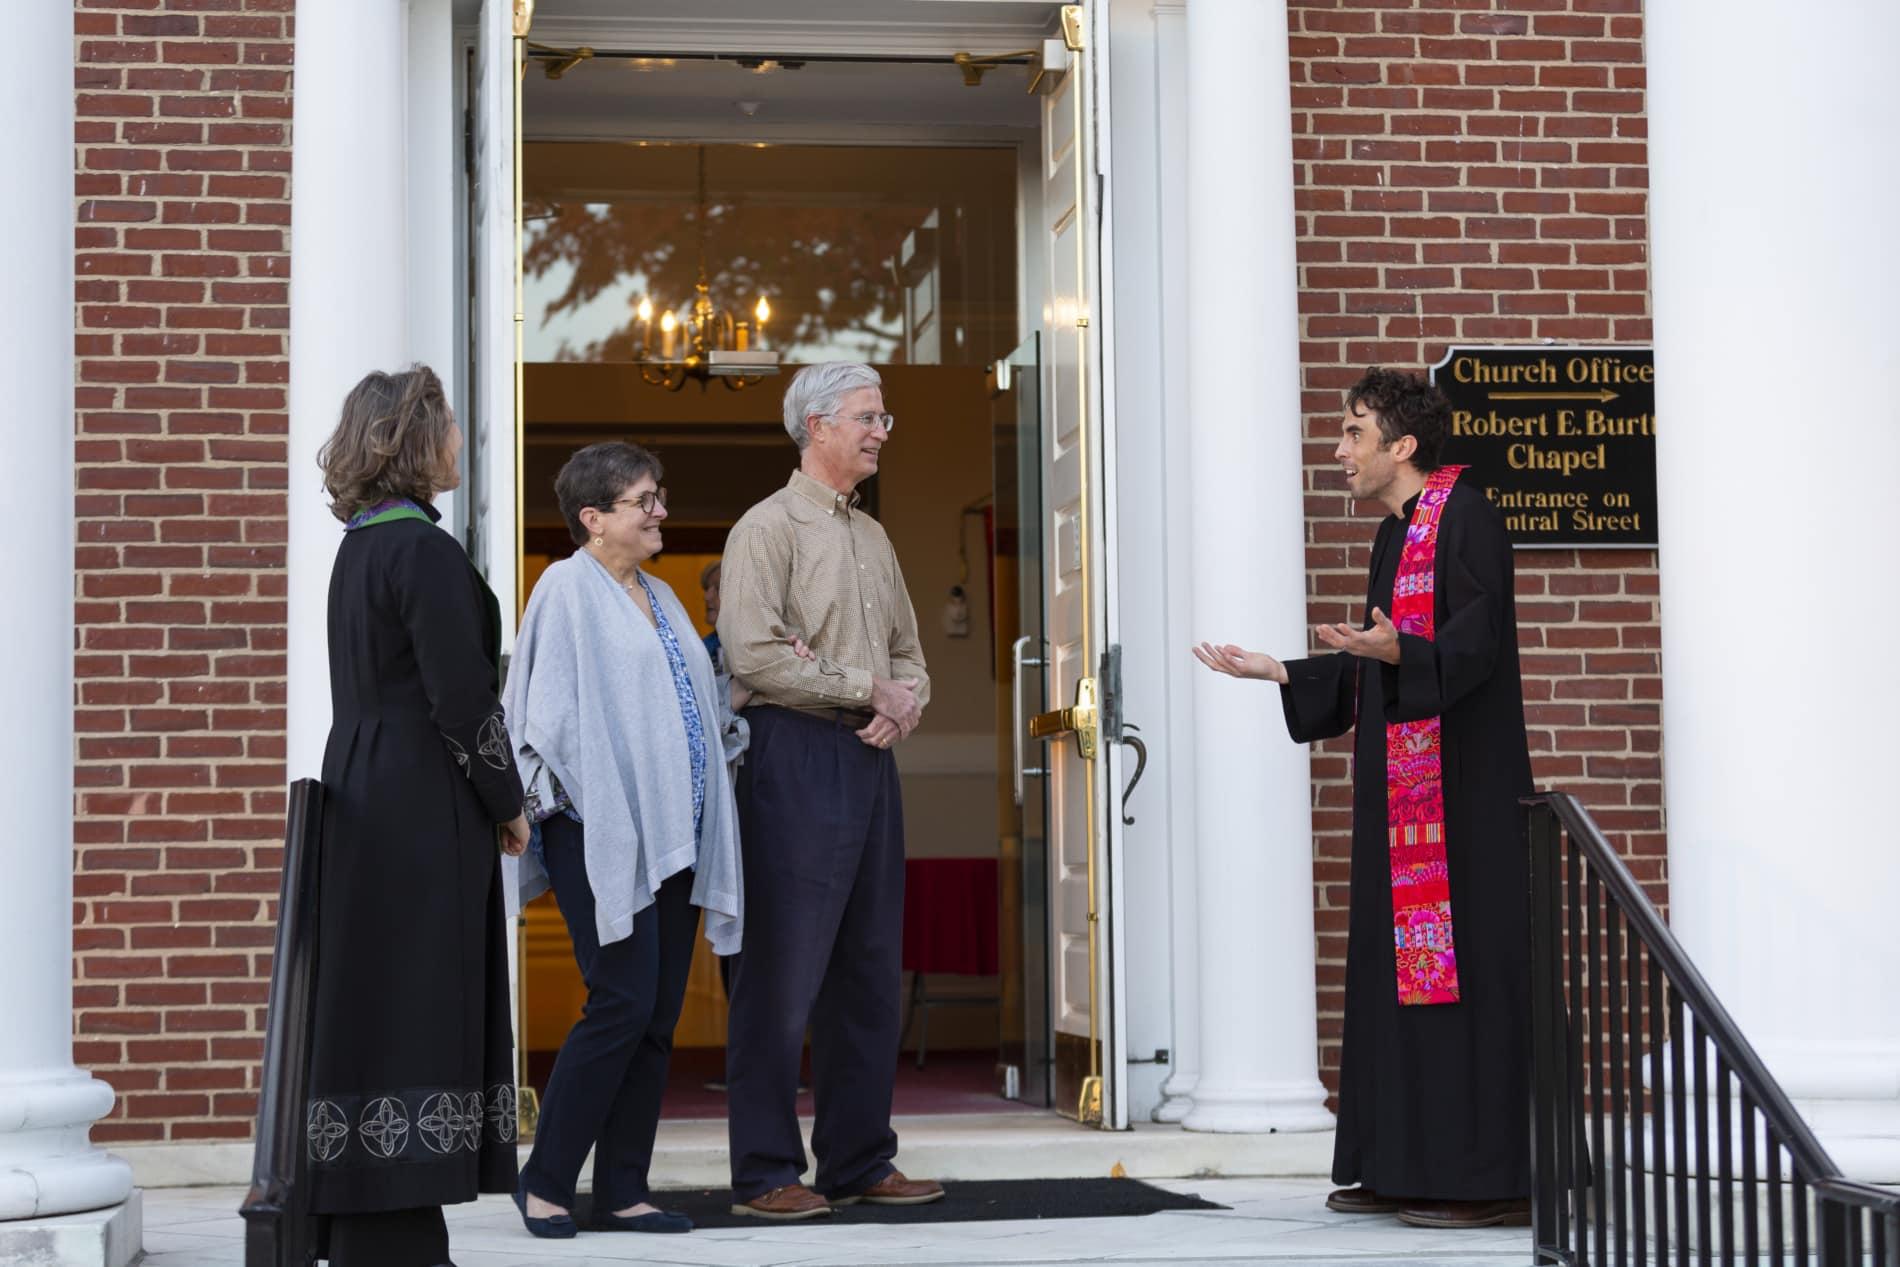 Pastors greet couple